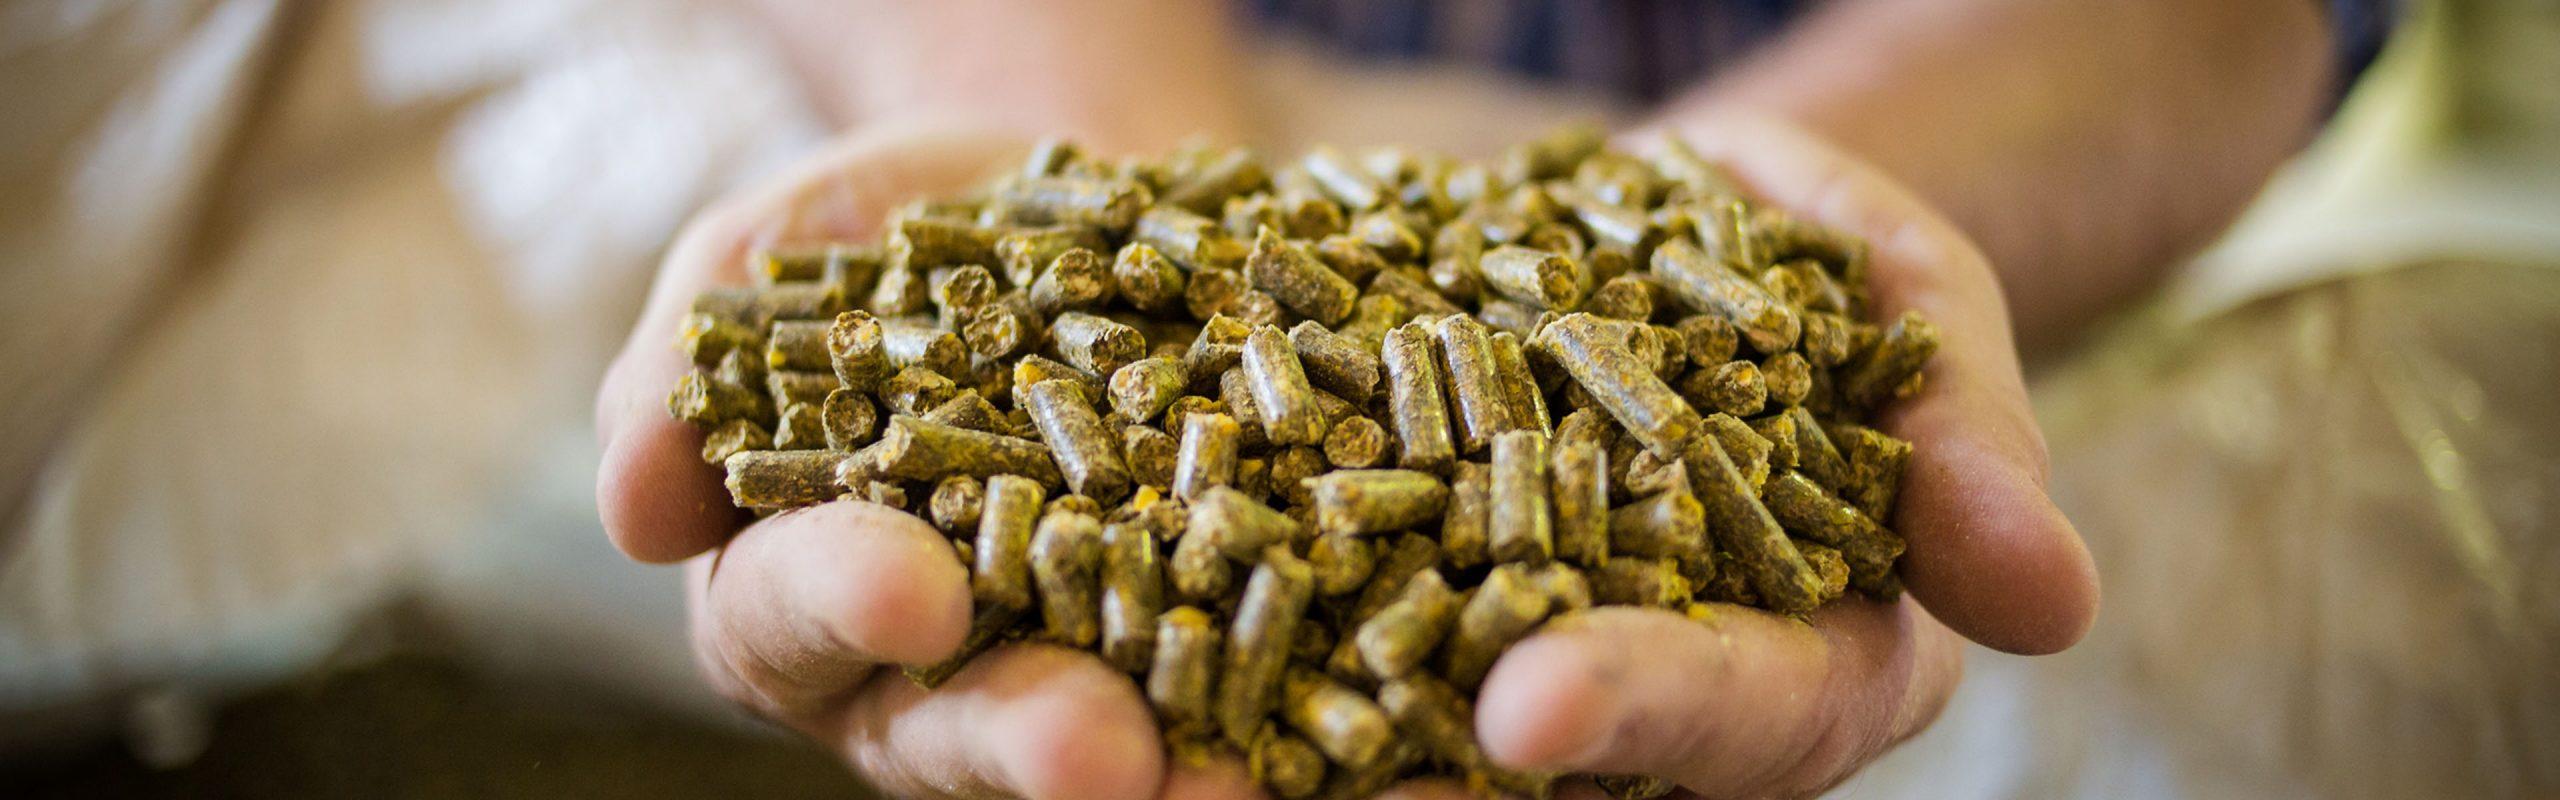 Tourteaux de soja produits par SojaPress, Terres du Sud